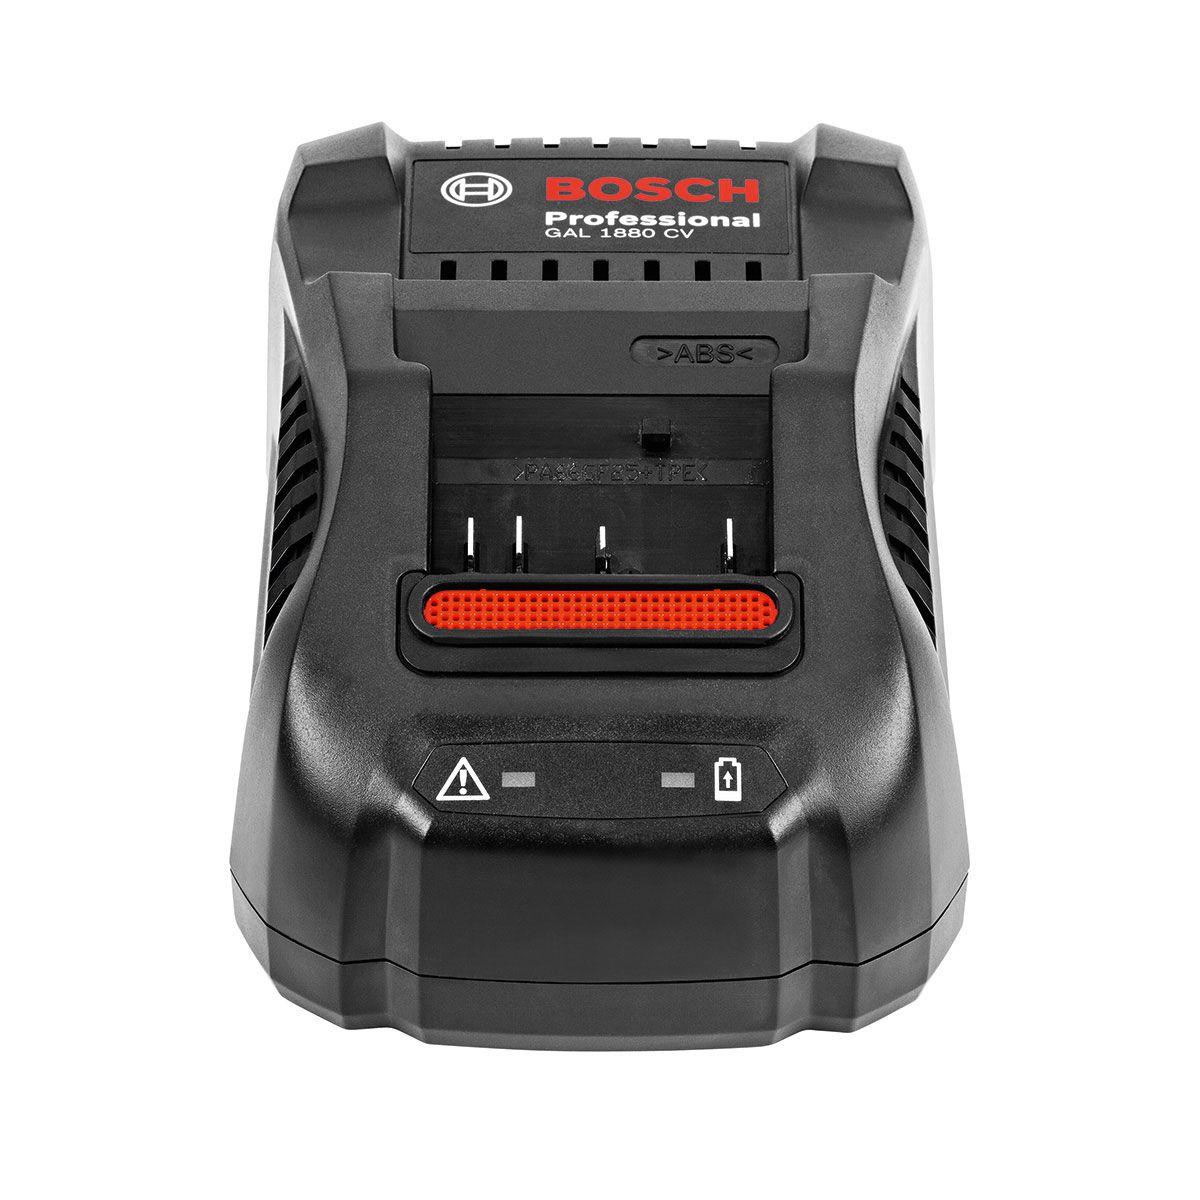 Bosch Gal 1880 CV Li-Ion Batterie Rapide Chargeur 14,4 V 18 V 2607225424